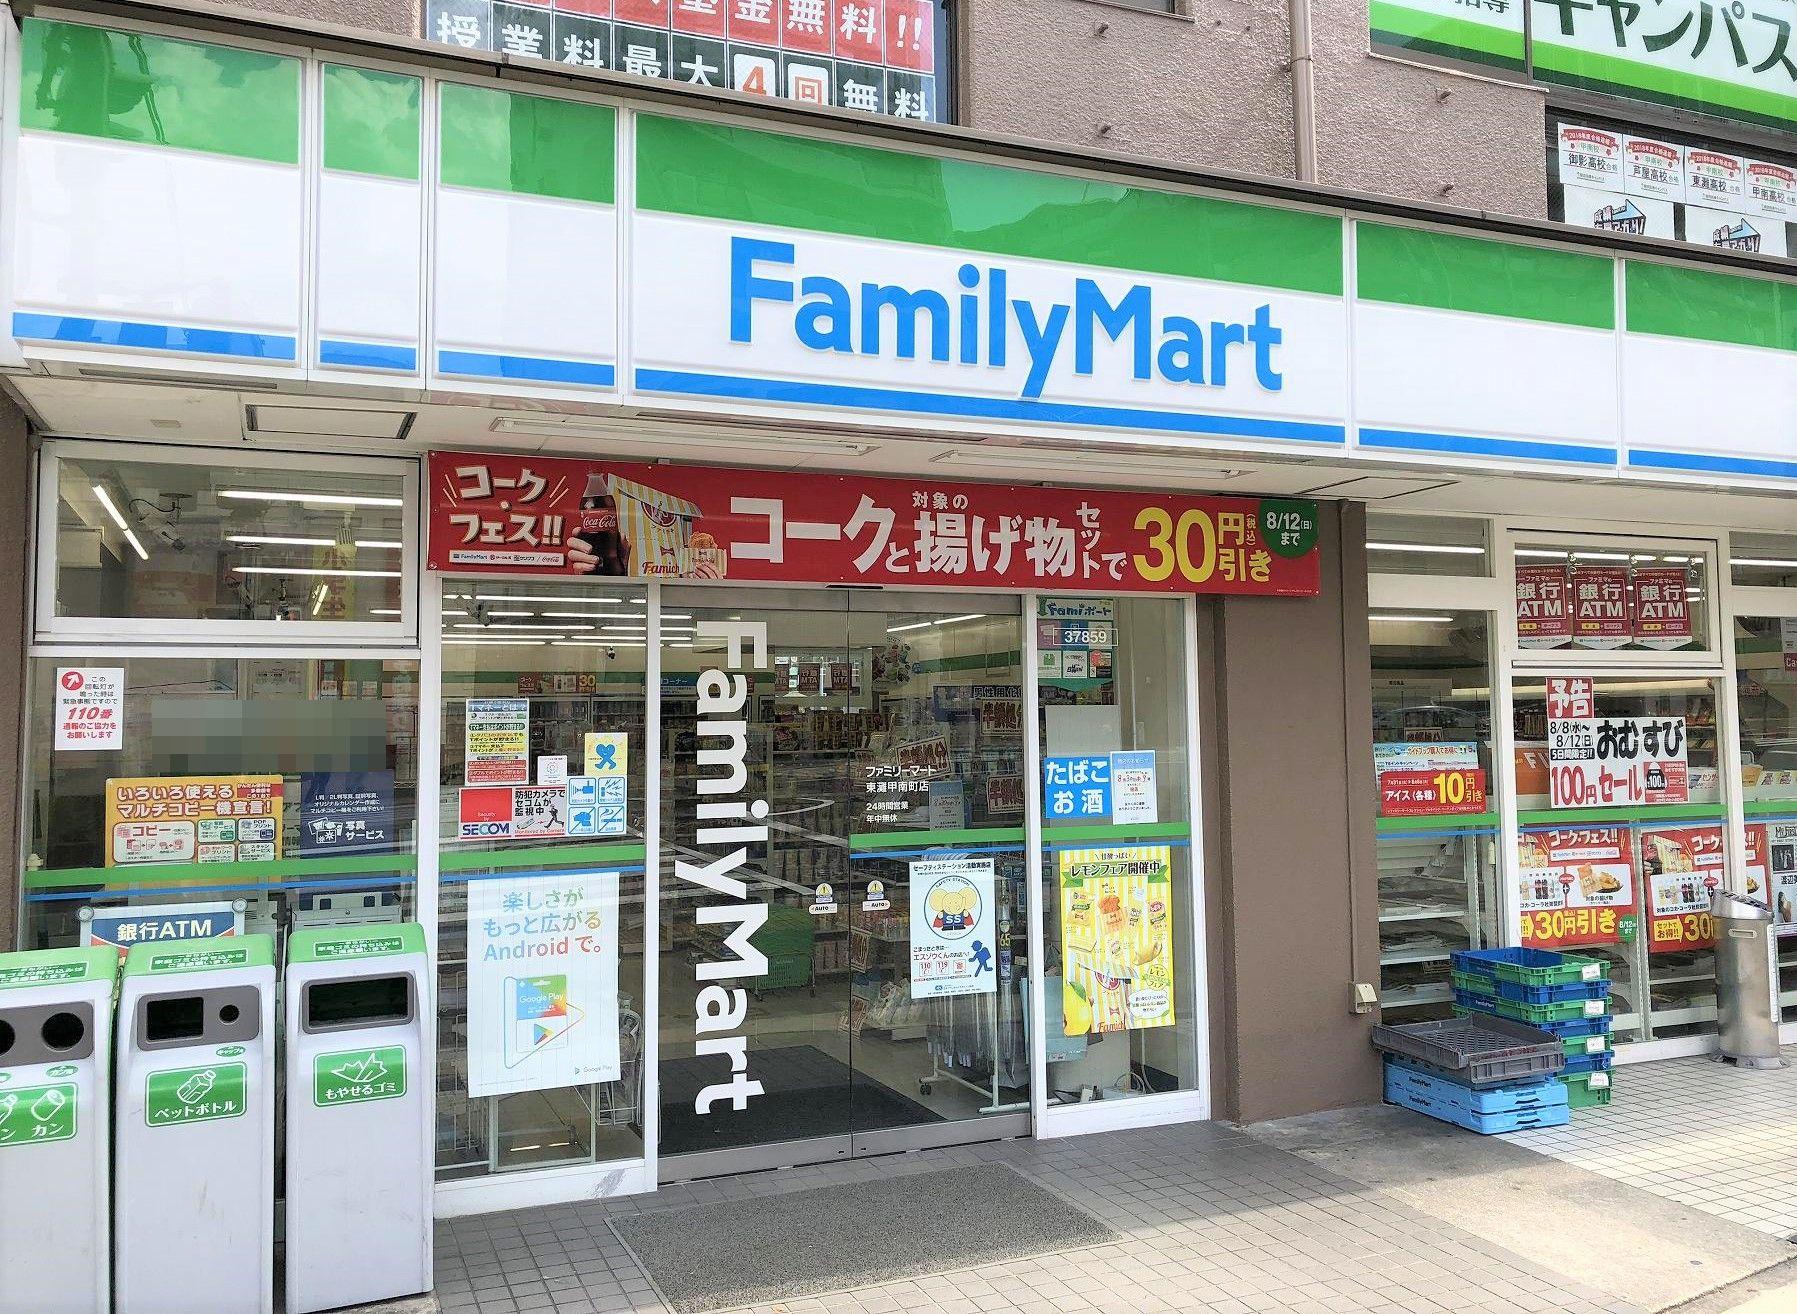 灘校近くにある「ファミリーマート 東灘甲南町店」が8/30をもって閉店するよ #閉店情報 #ファミリーマート #コンビニエンス #東灘区